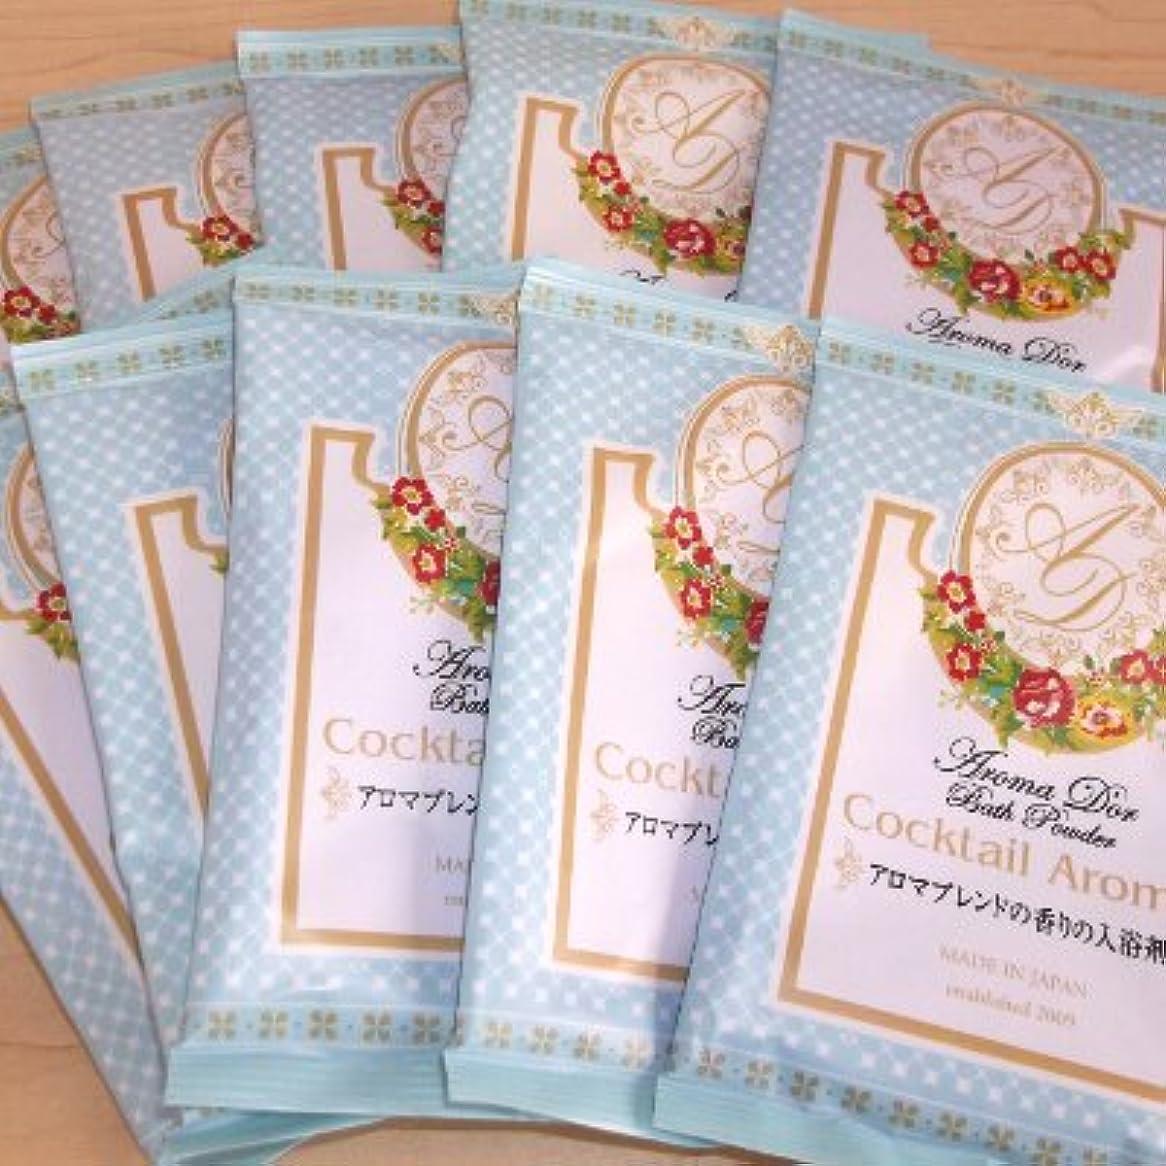 句分注する良性アロマドール アロマブレンドの香り 10包セット